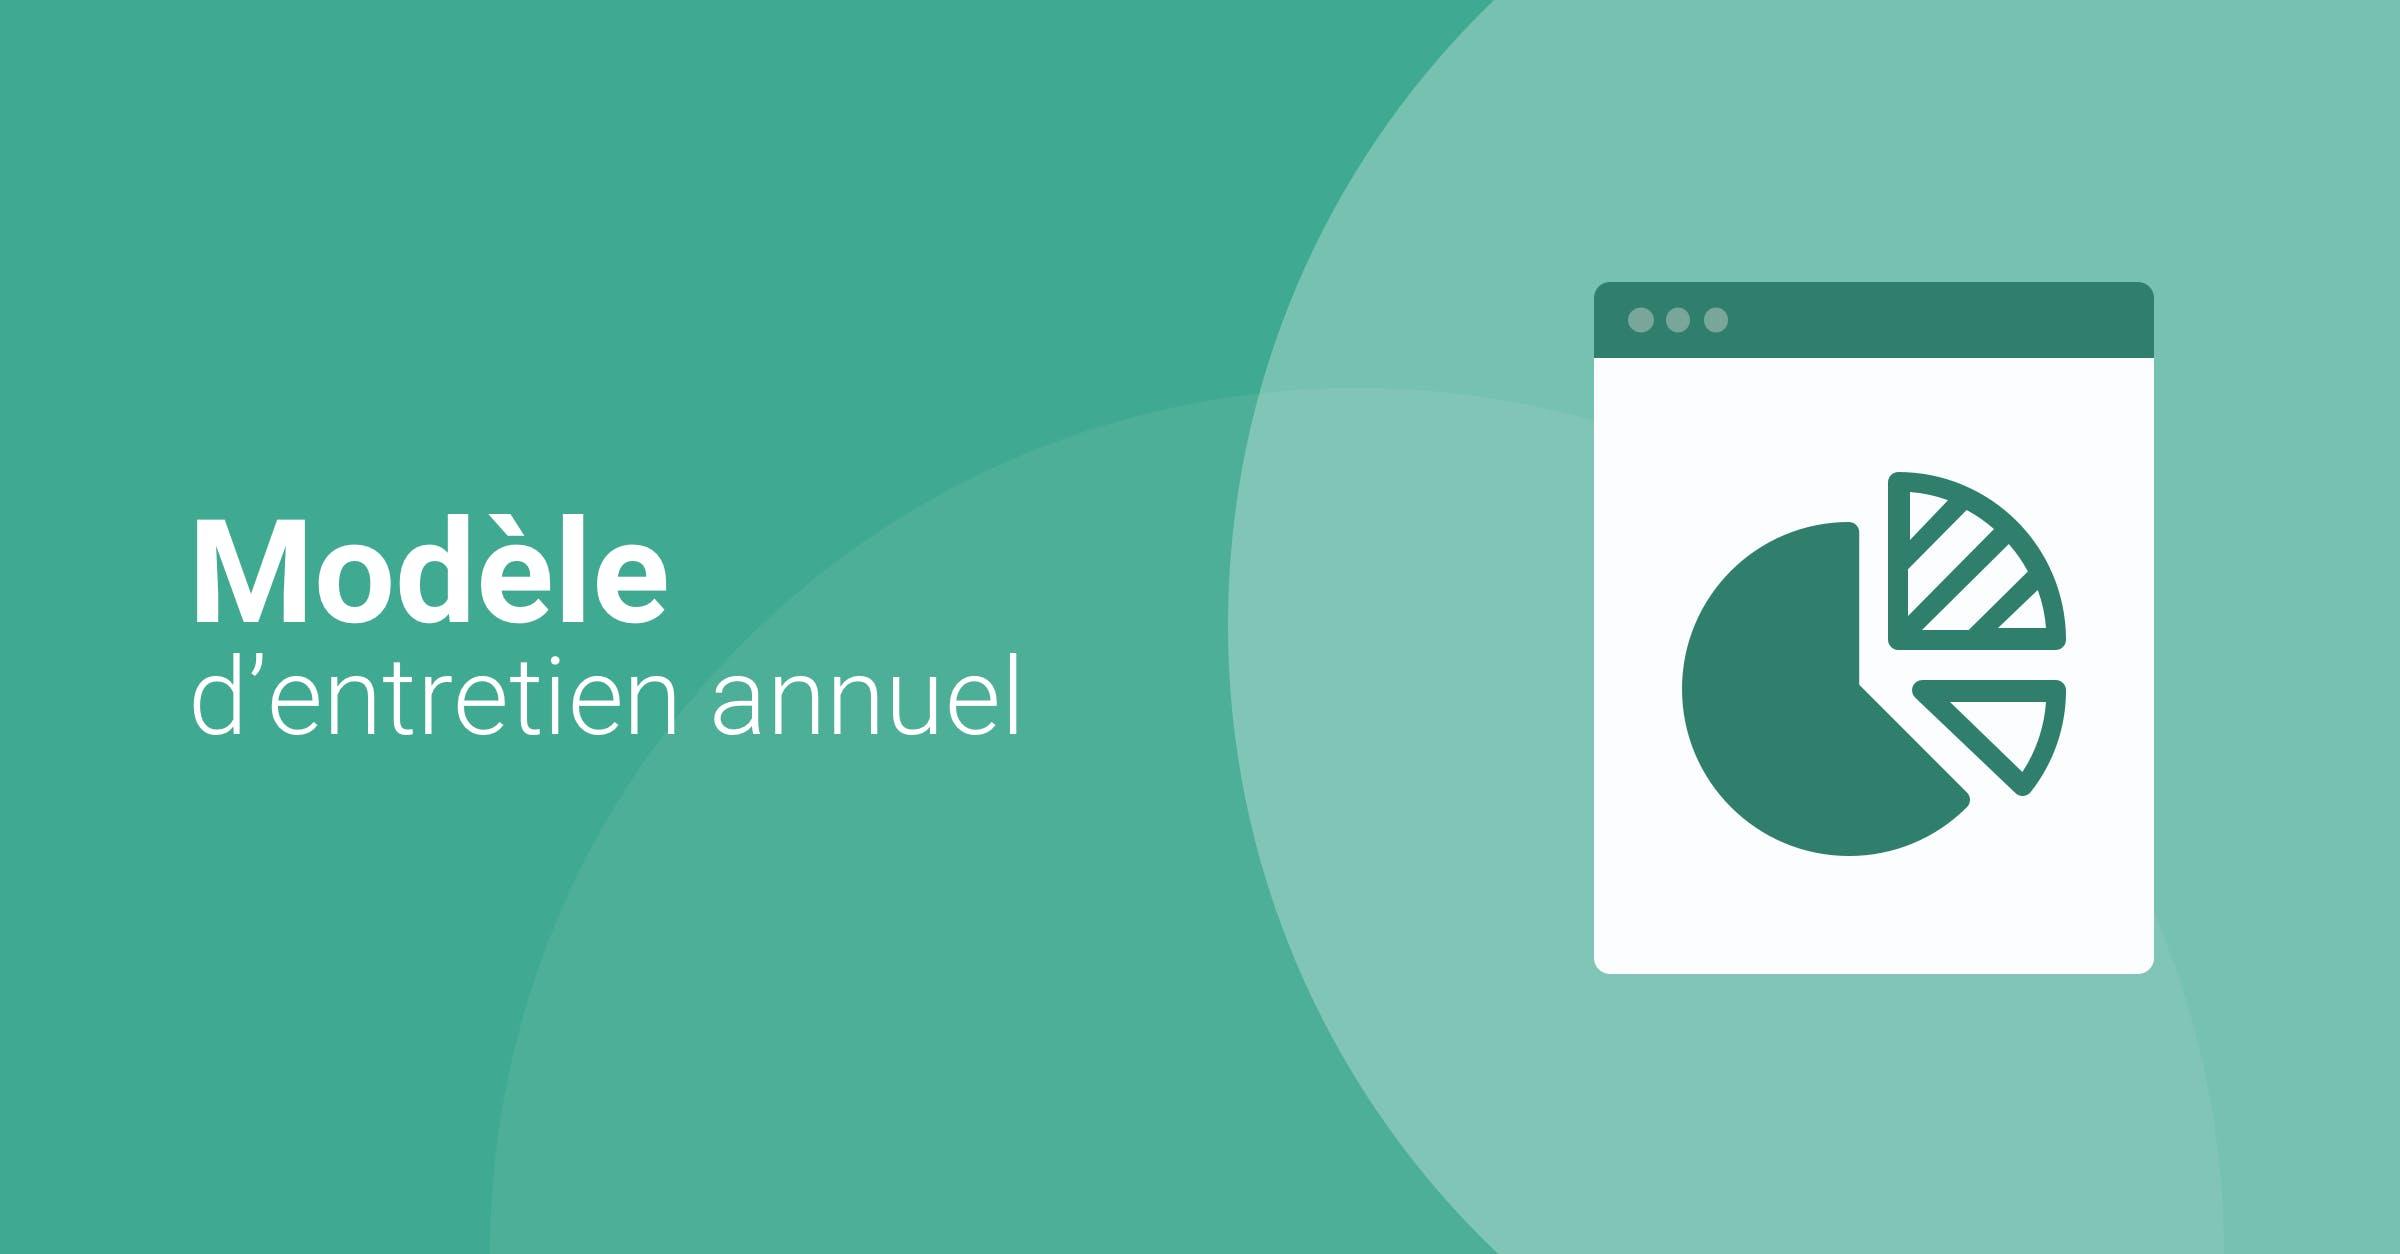 Téléchargez notre modèle Excel gratuitement et adaptez-le à votre entreprise